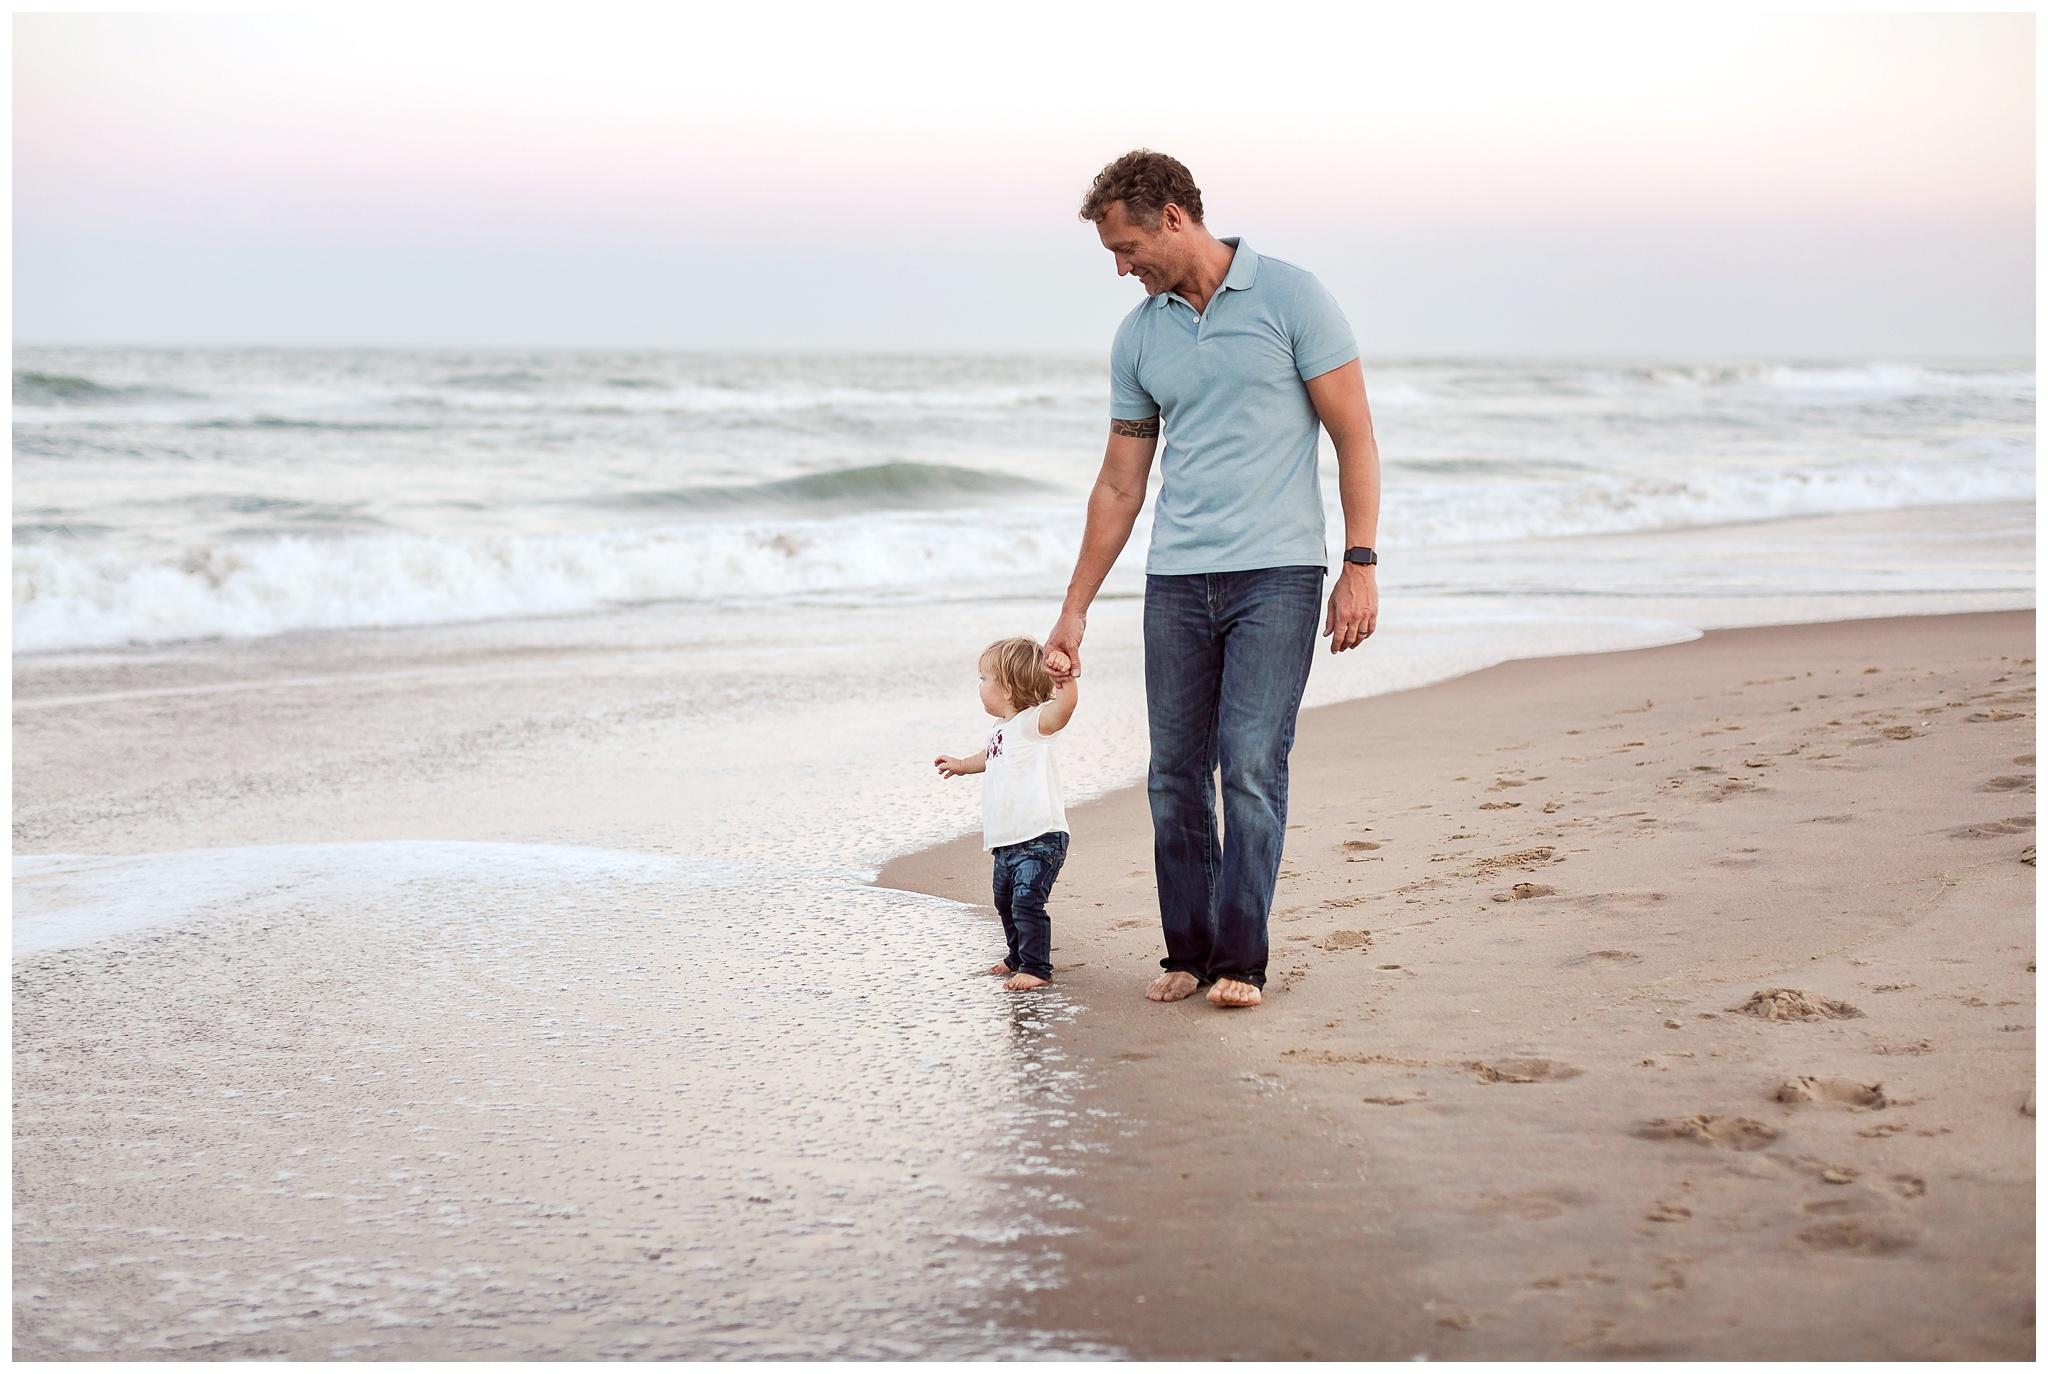 Virginia-Beach-family-photographer_0053.jpg